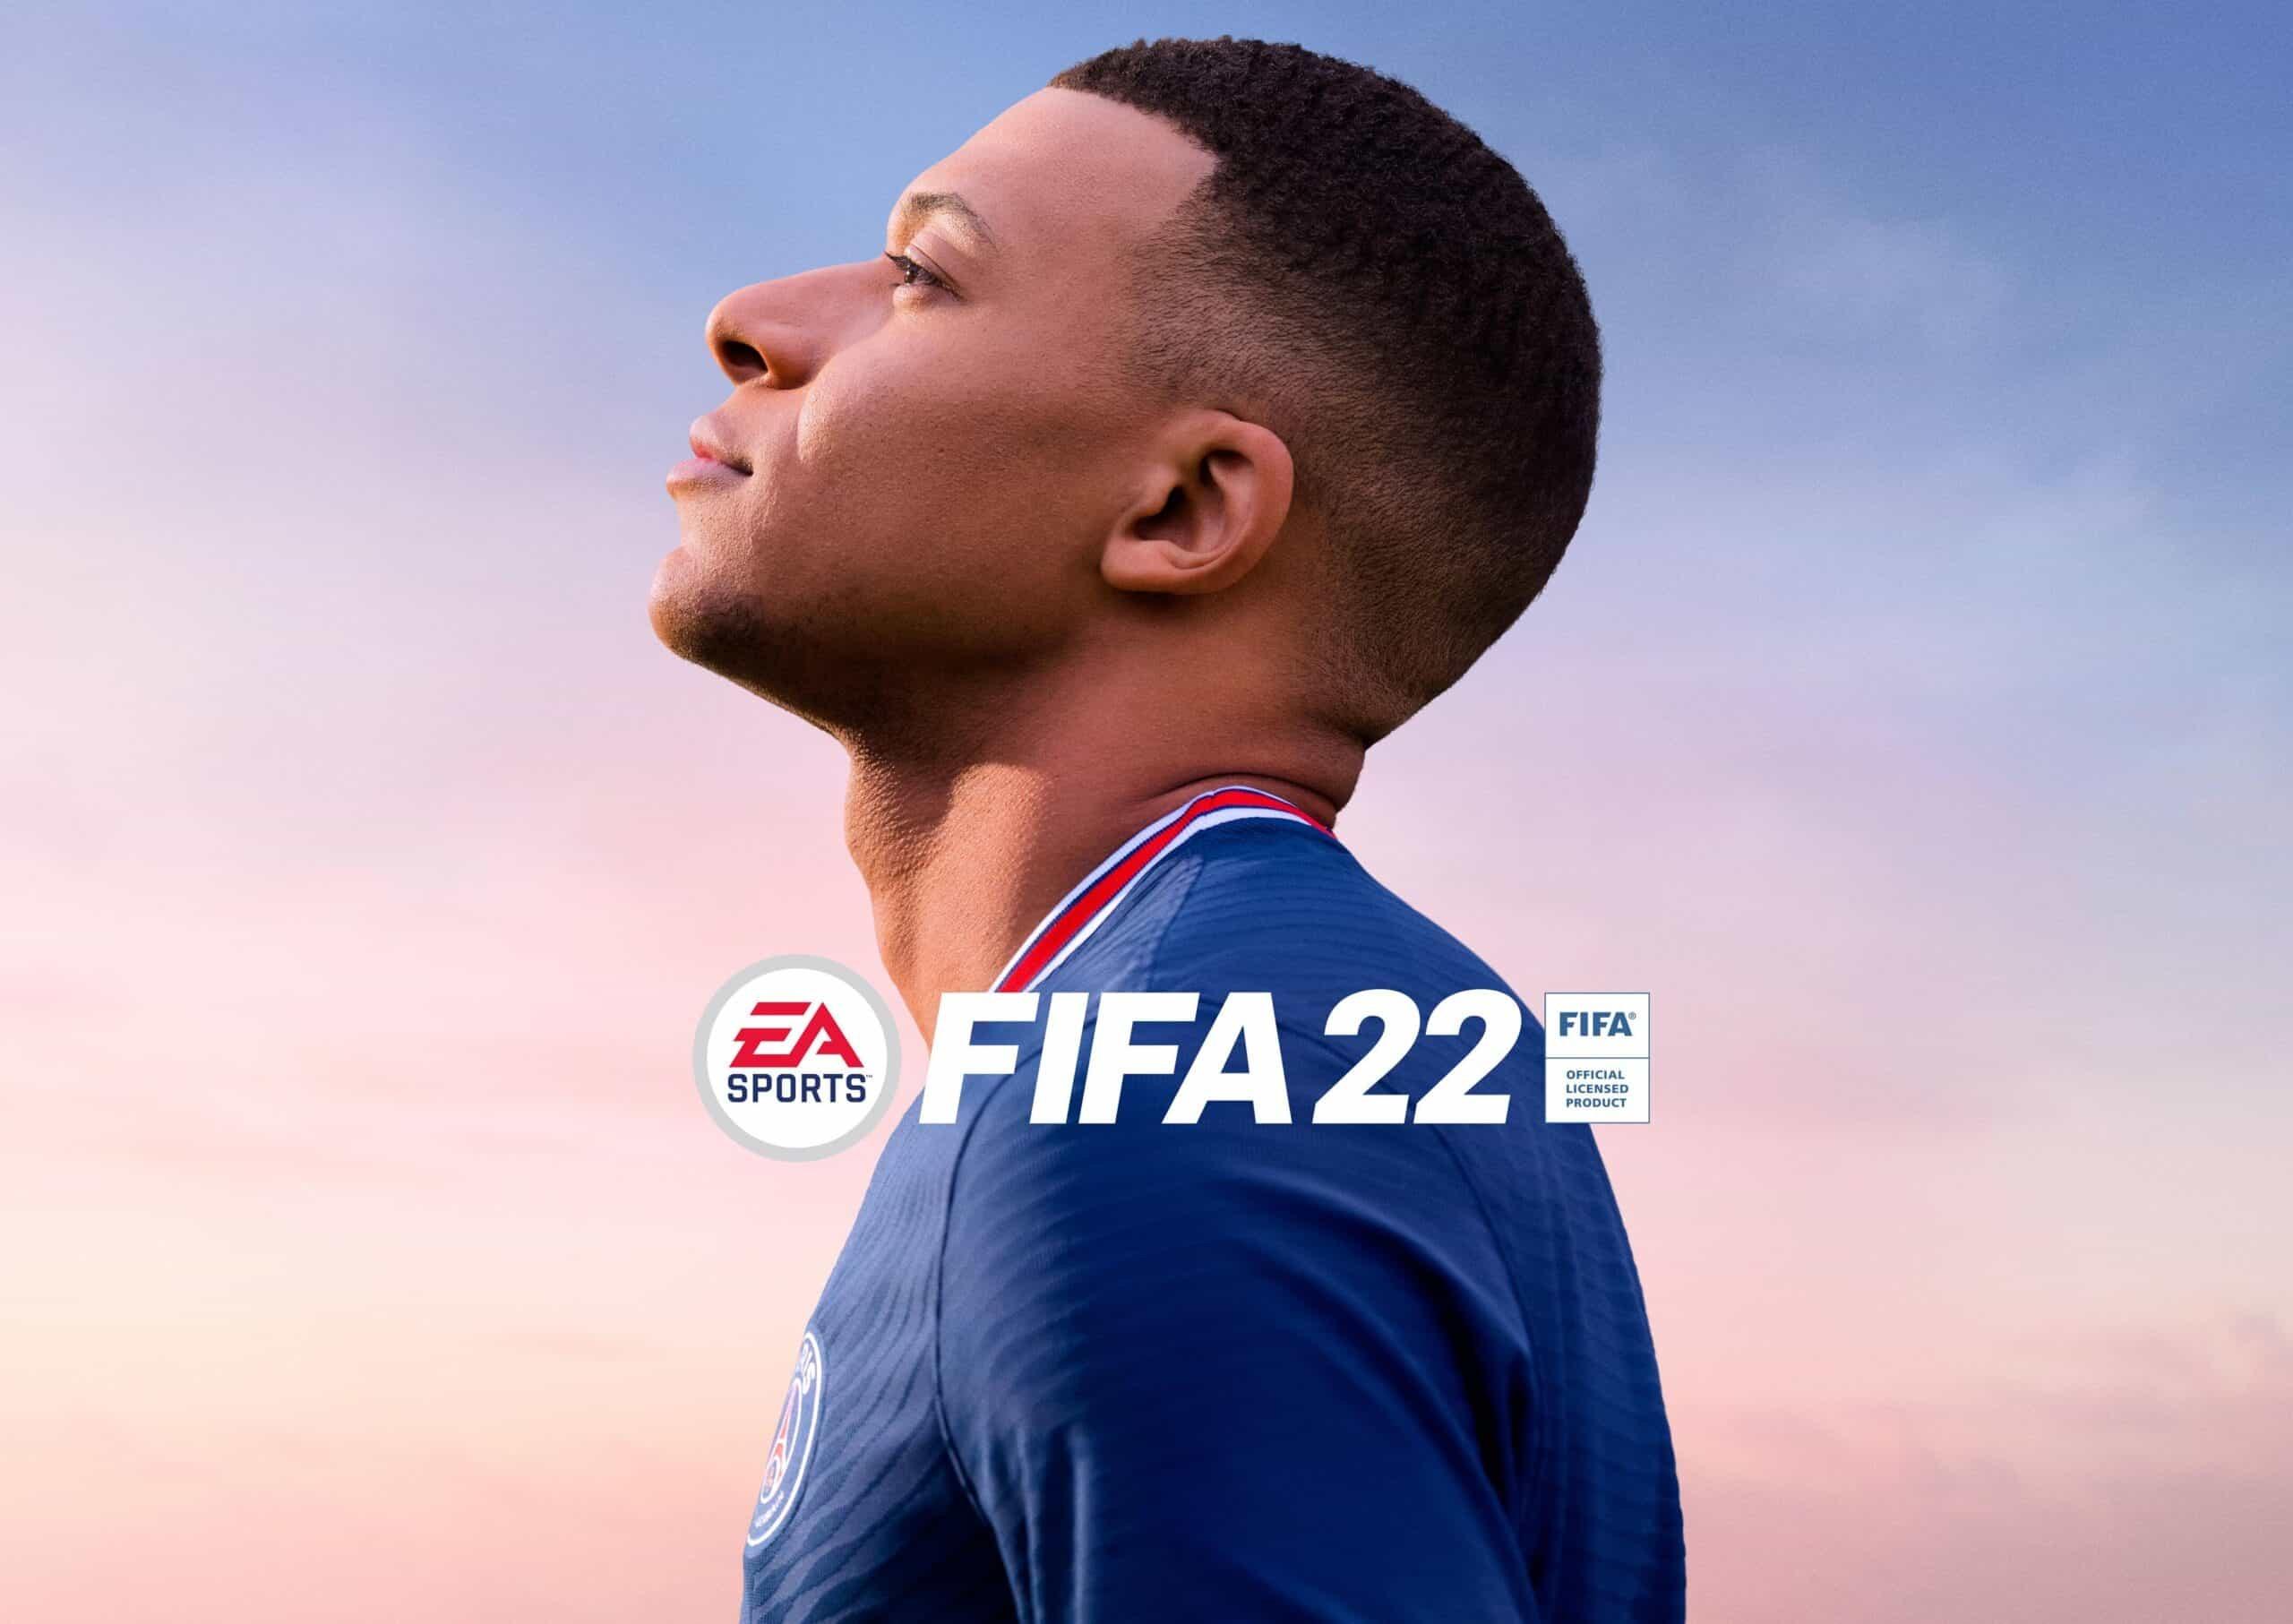 EA Sports está considerando cambiar el nombre de su serie FIFA, GamersRD